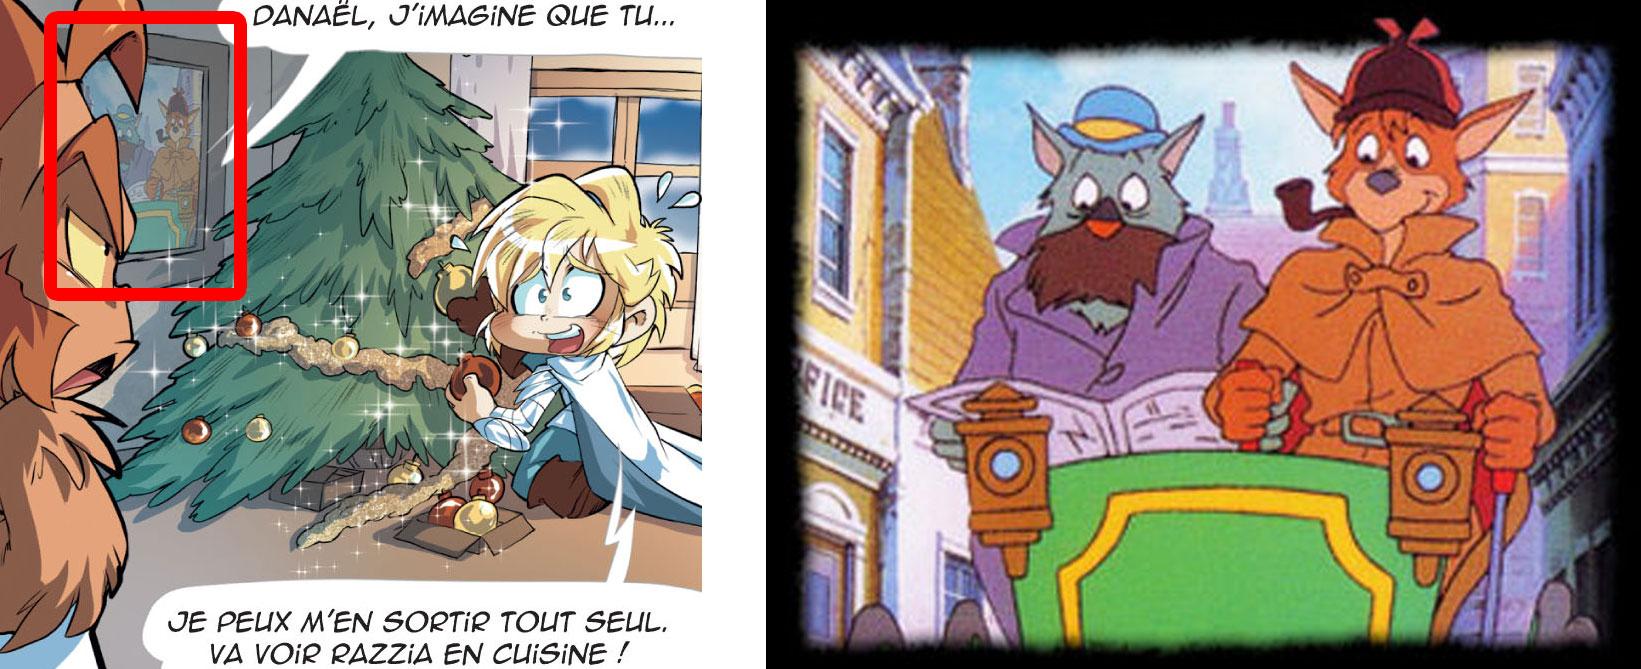 Légendaires_parodia_tome_4_page_29_case_05